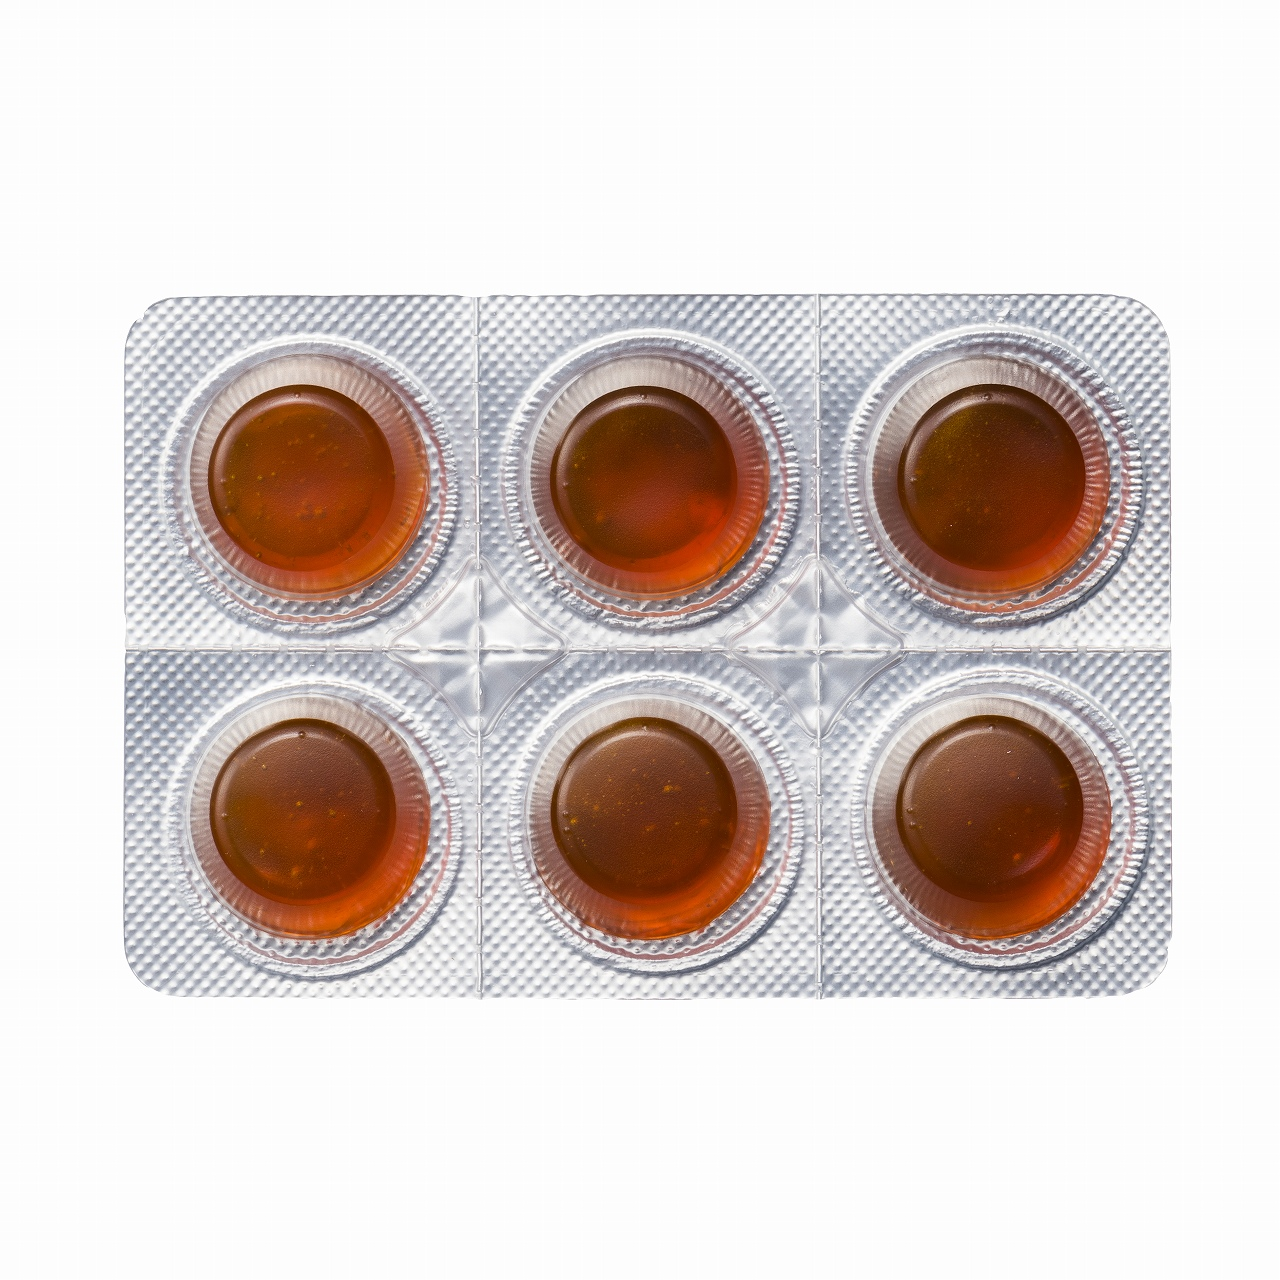 MIS 100%マヌカハニー ロゼンジ UMF10+ 固形はちみつ 23g×6粒